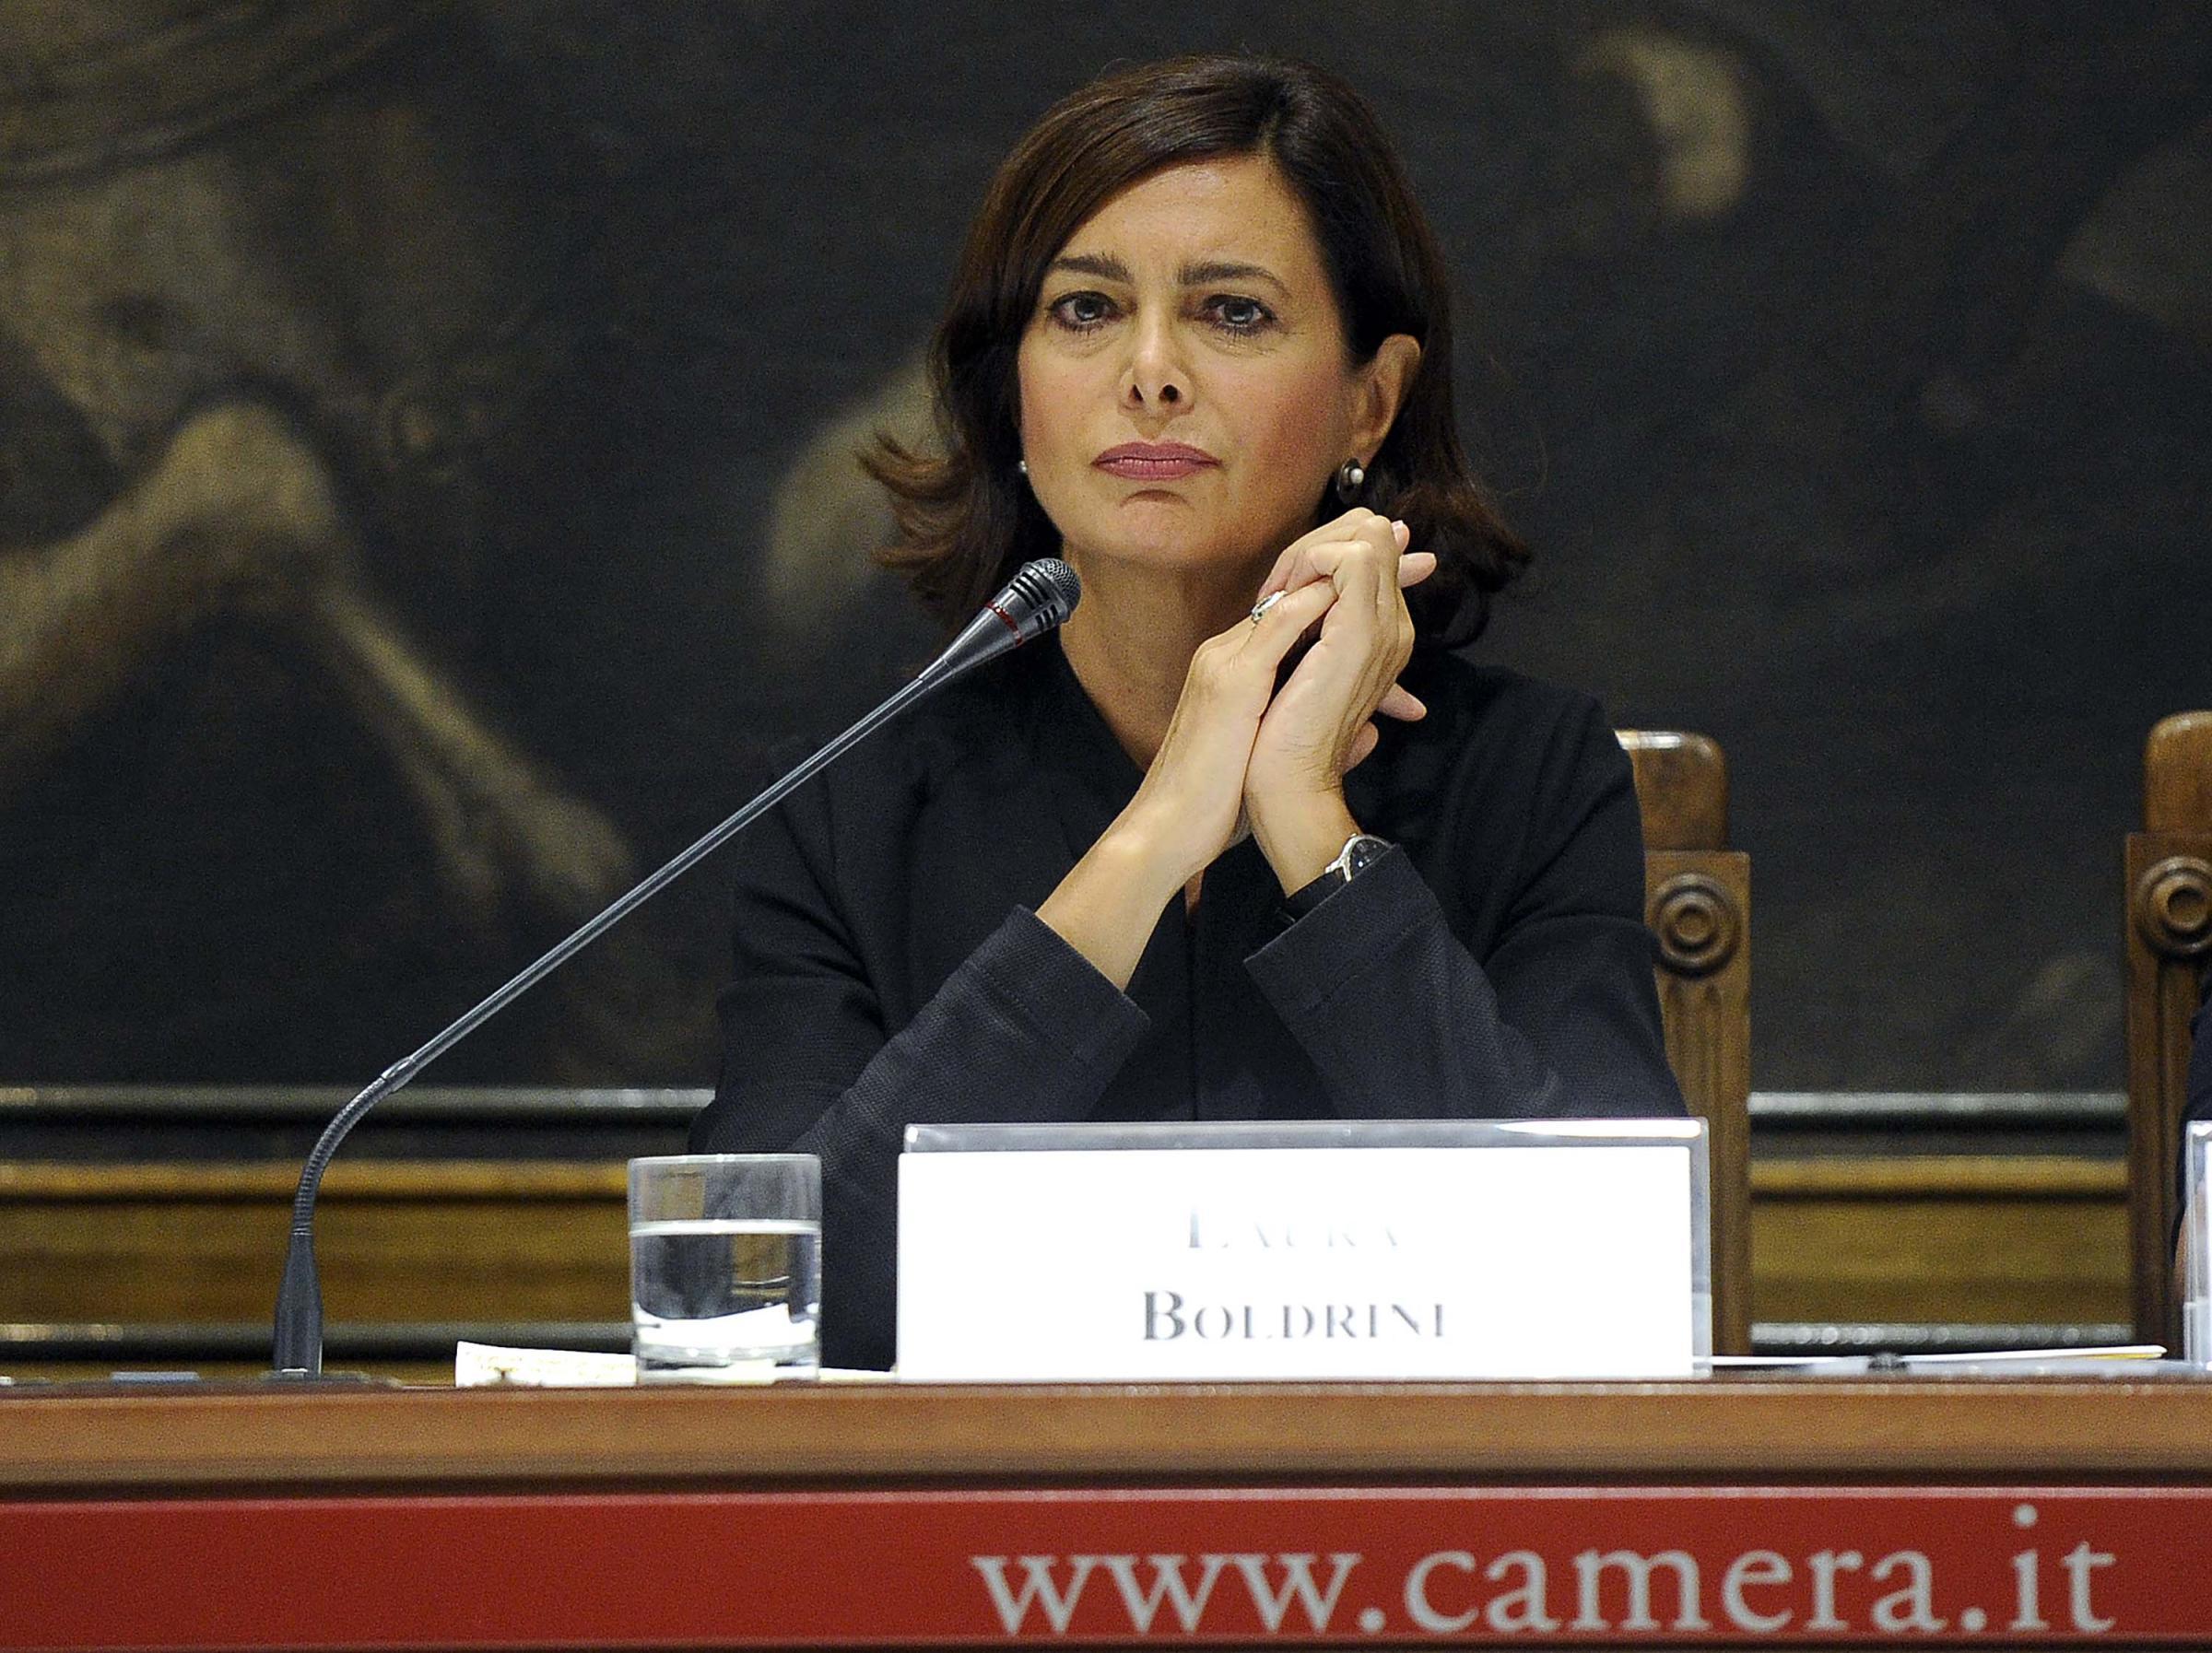 Laura Boldrini e le fake news: notizie false sulla sorella morta scatenano la polemica